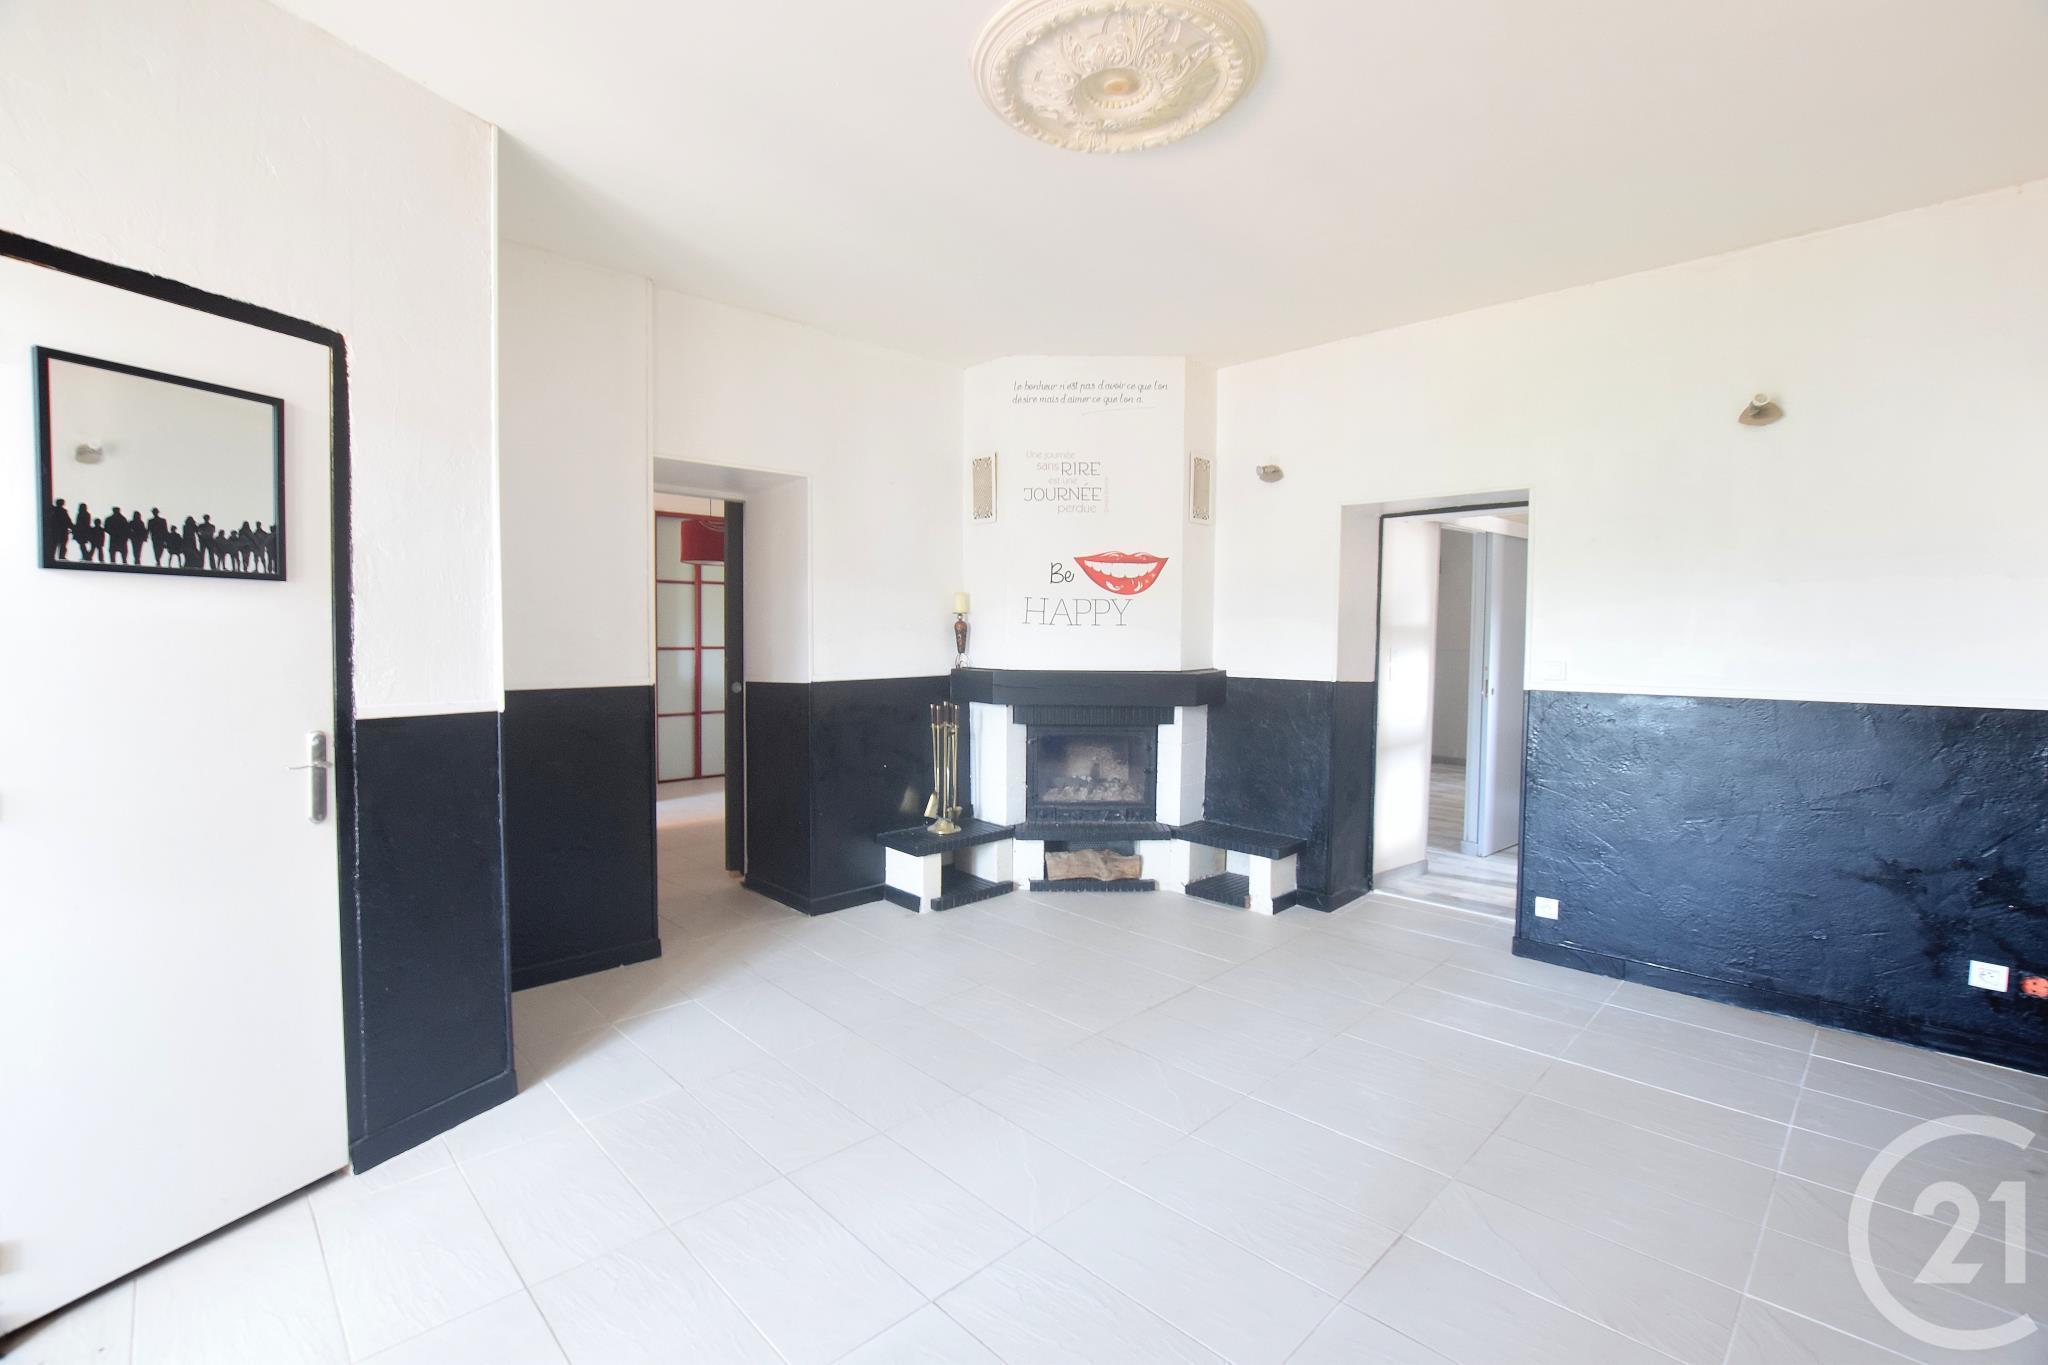 appartement f2 3 pi ces vendre givors 69700 ref. Black Bedroom Furniture Sets. Home Design Ideas